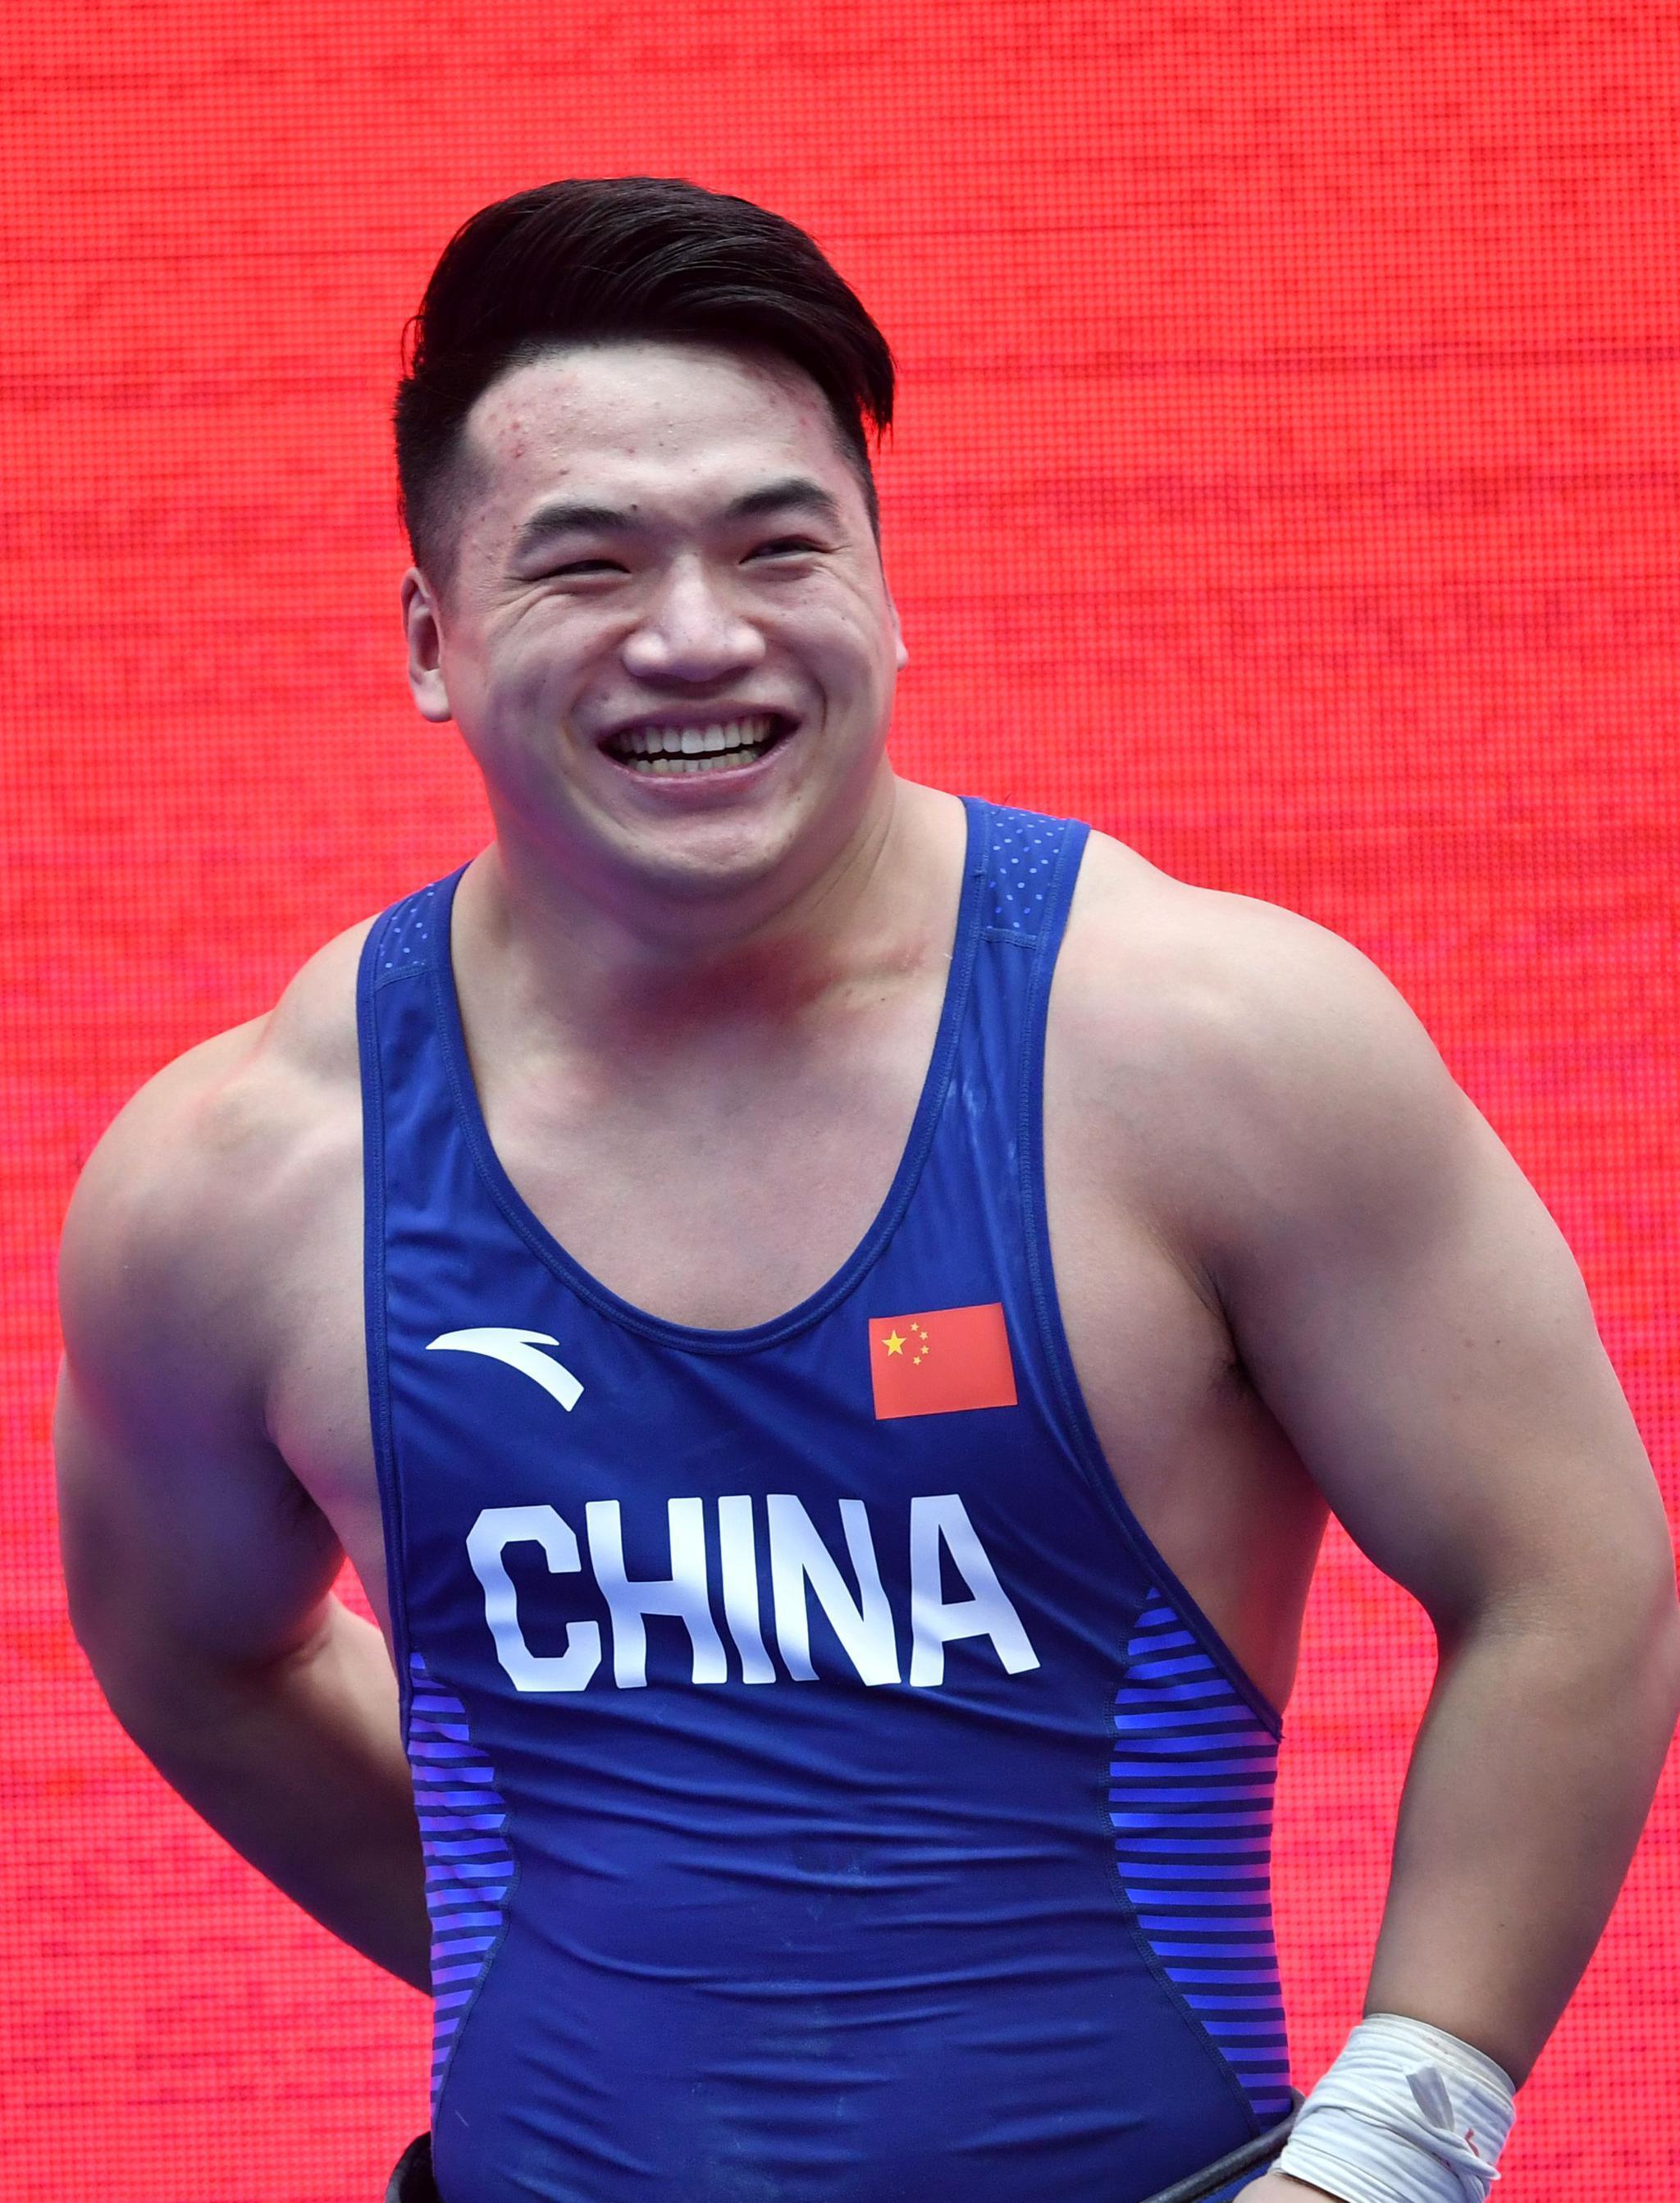 举重——世界杯:田涛获男子96公斤级挺举和总成绩冠军